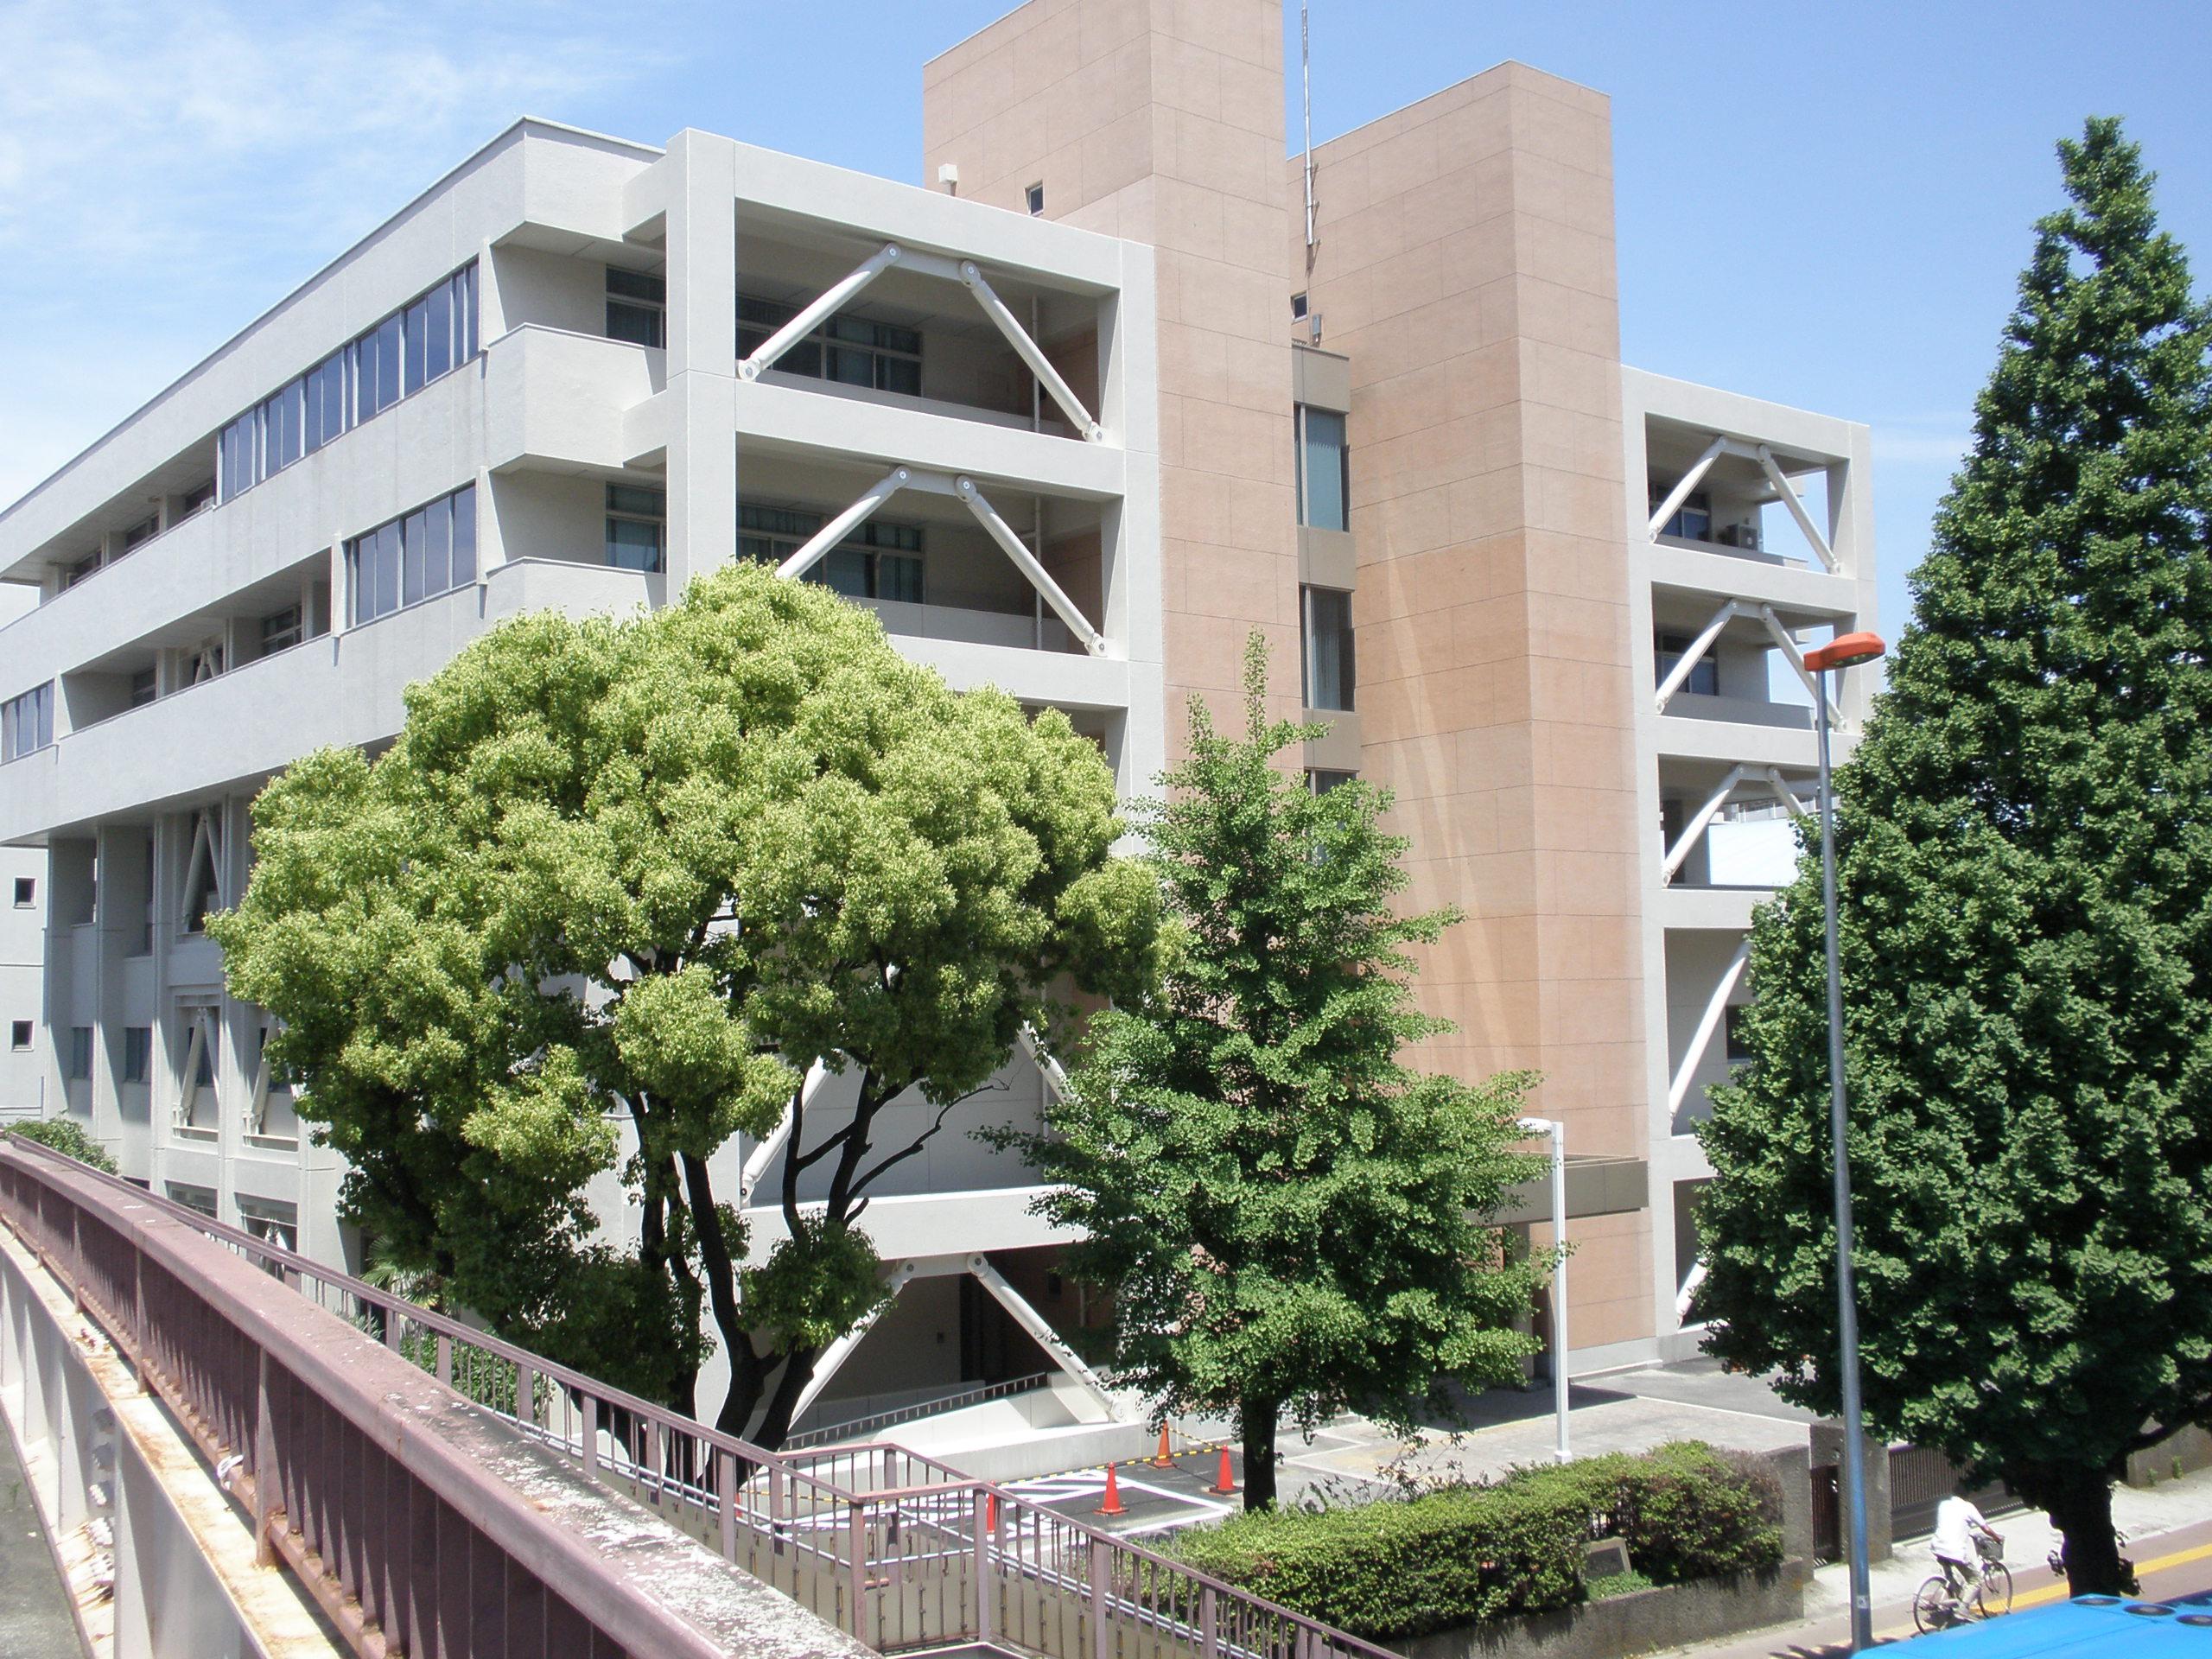 川崎 裁判所 支部 家庭 横浜 神奈川県で養育費に強い弁護士を探す